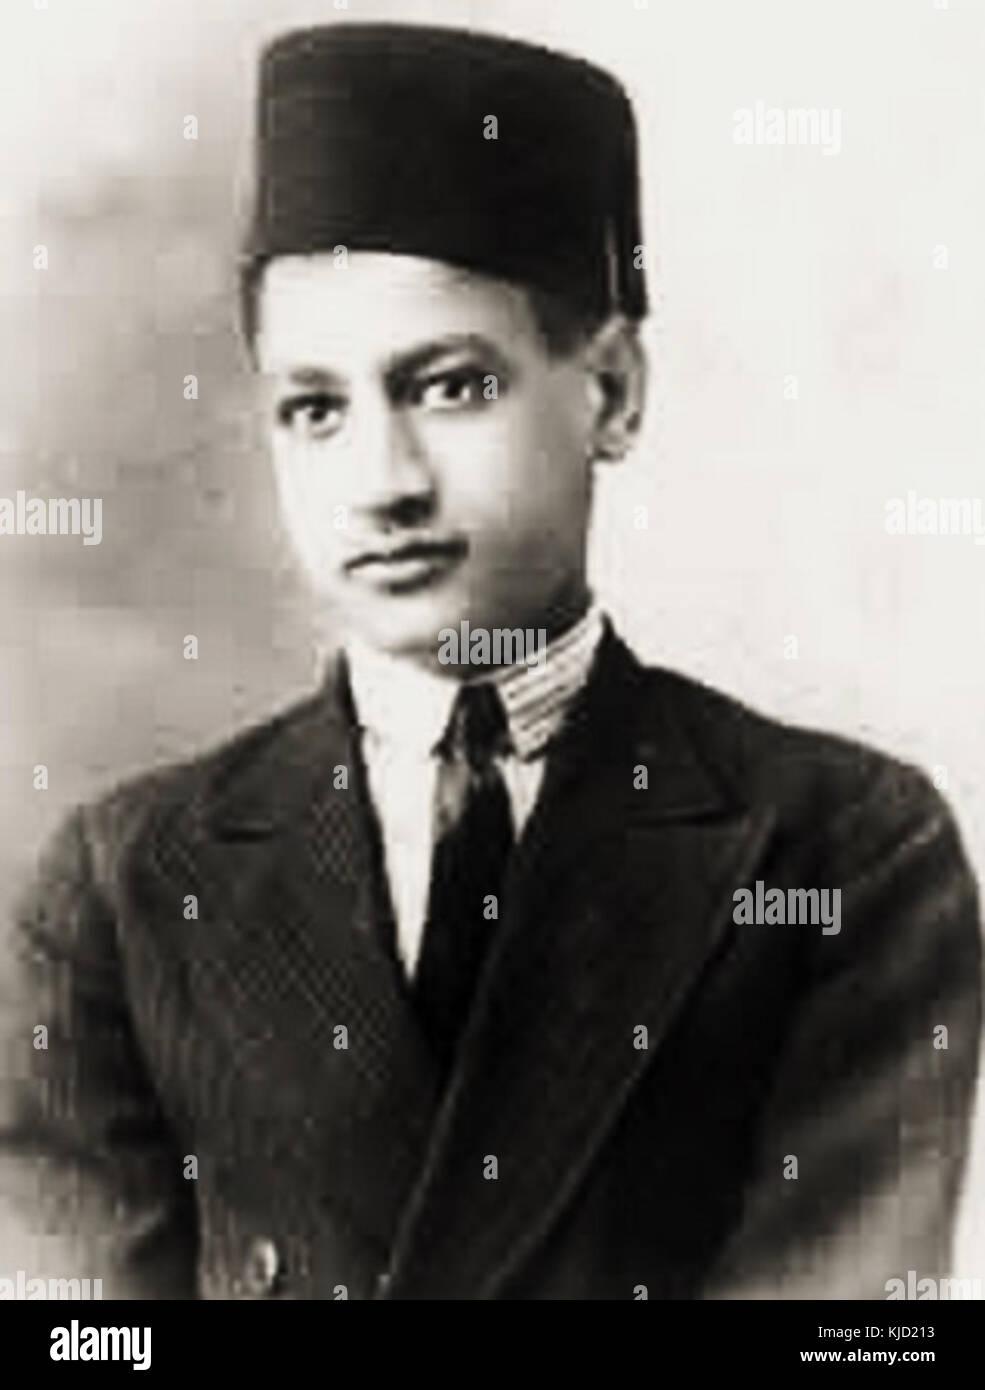 Gamal Abdel Nasser - Stock Image